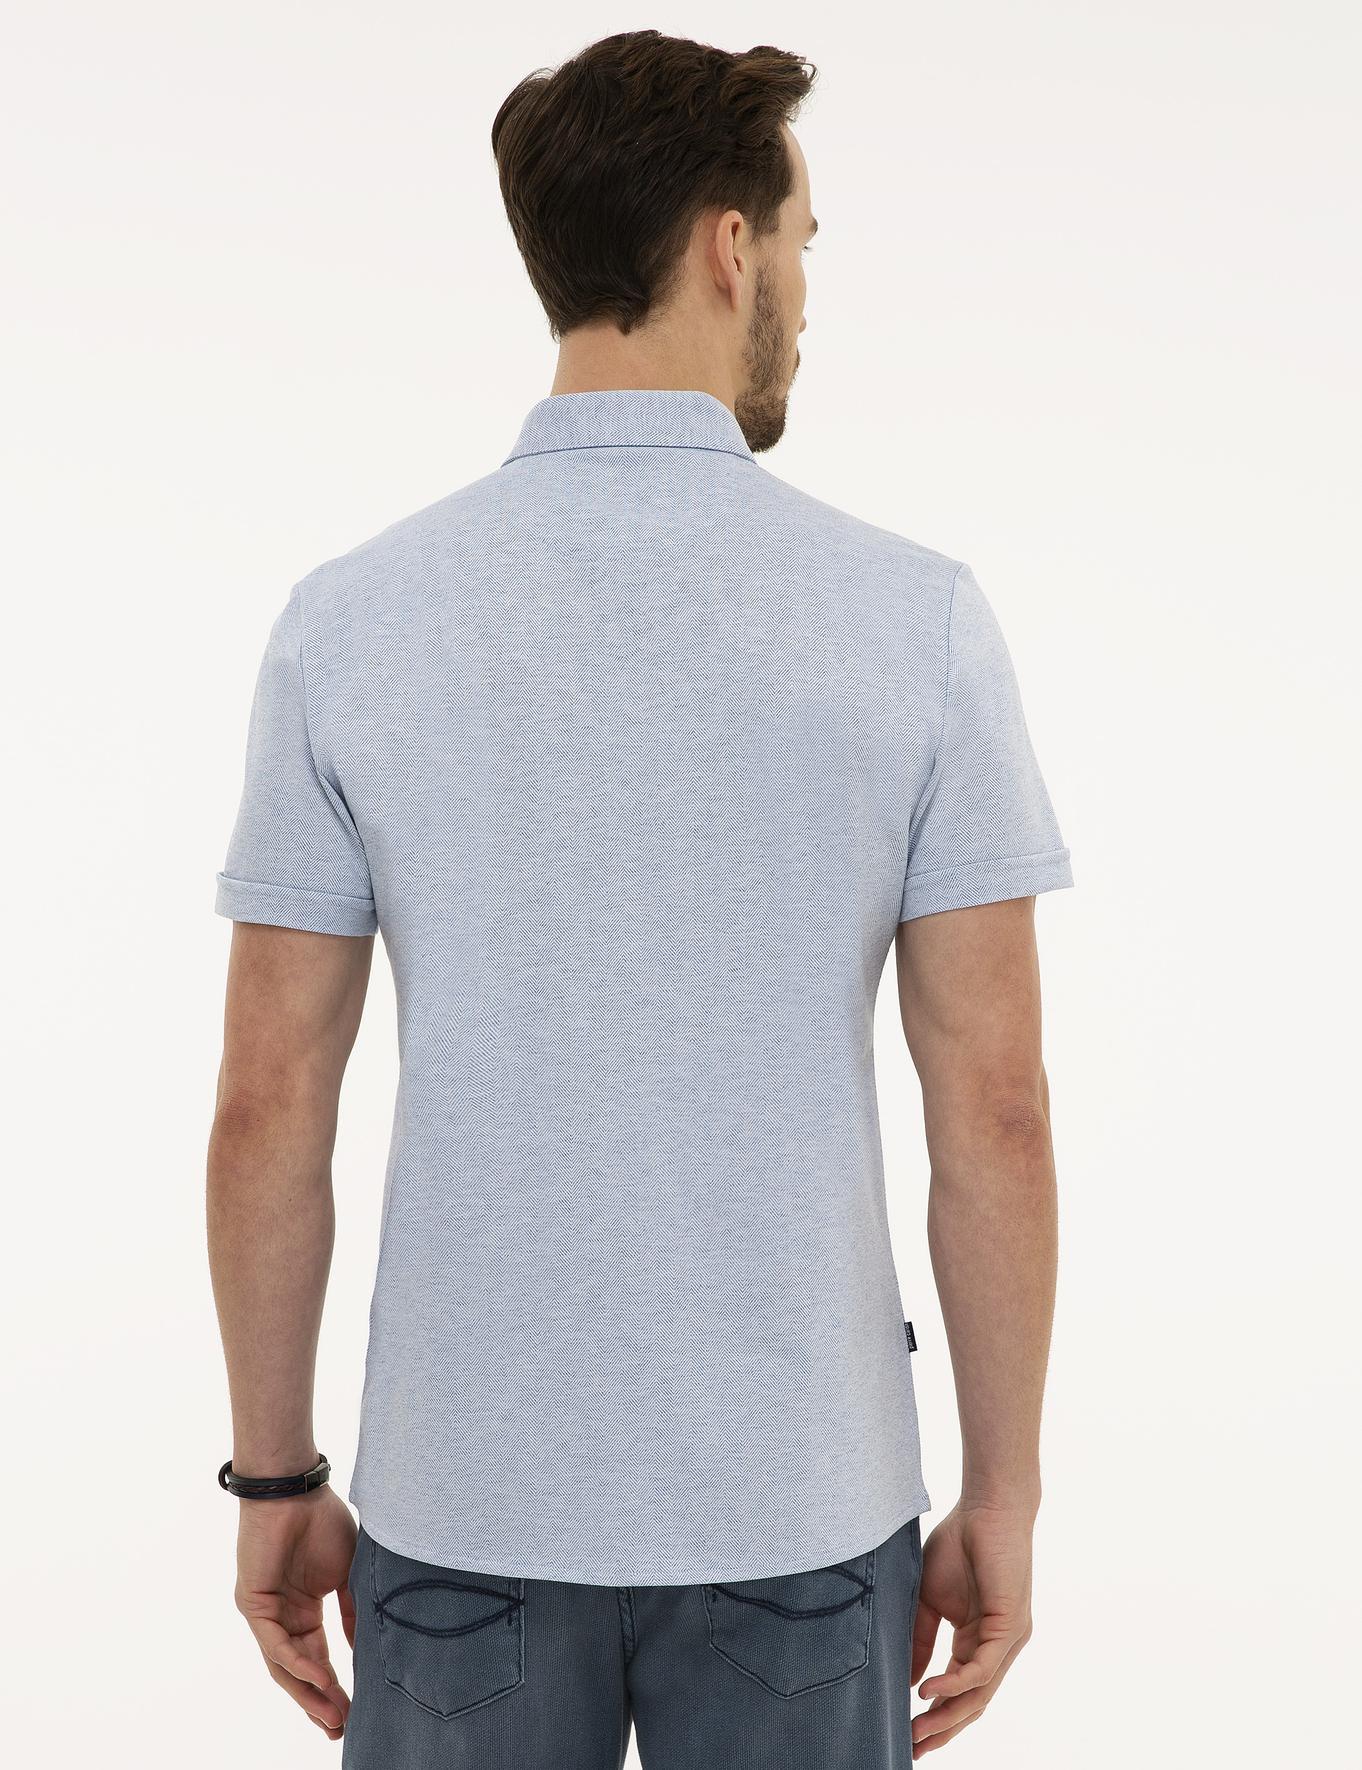 Koyu Mavi Slim Fit T-Shirt